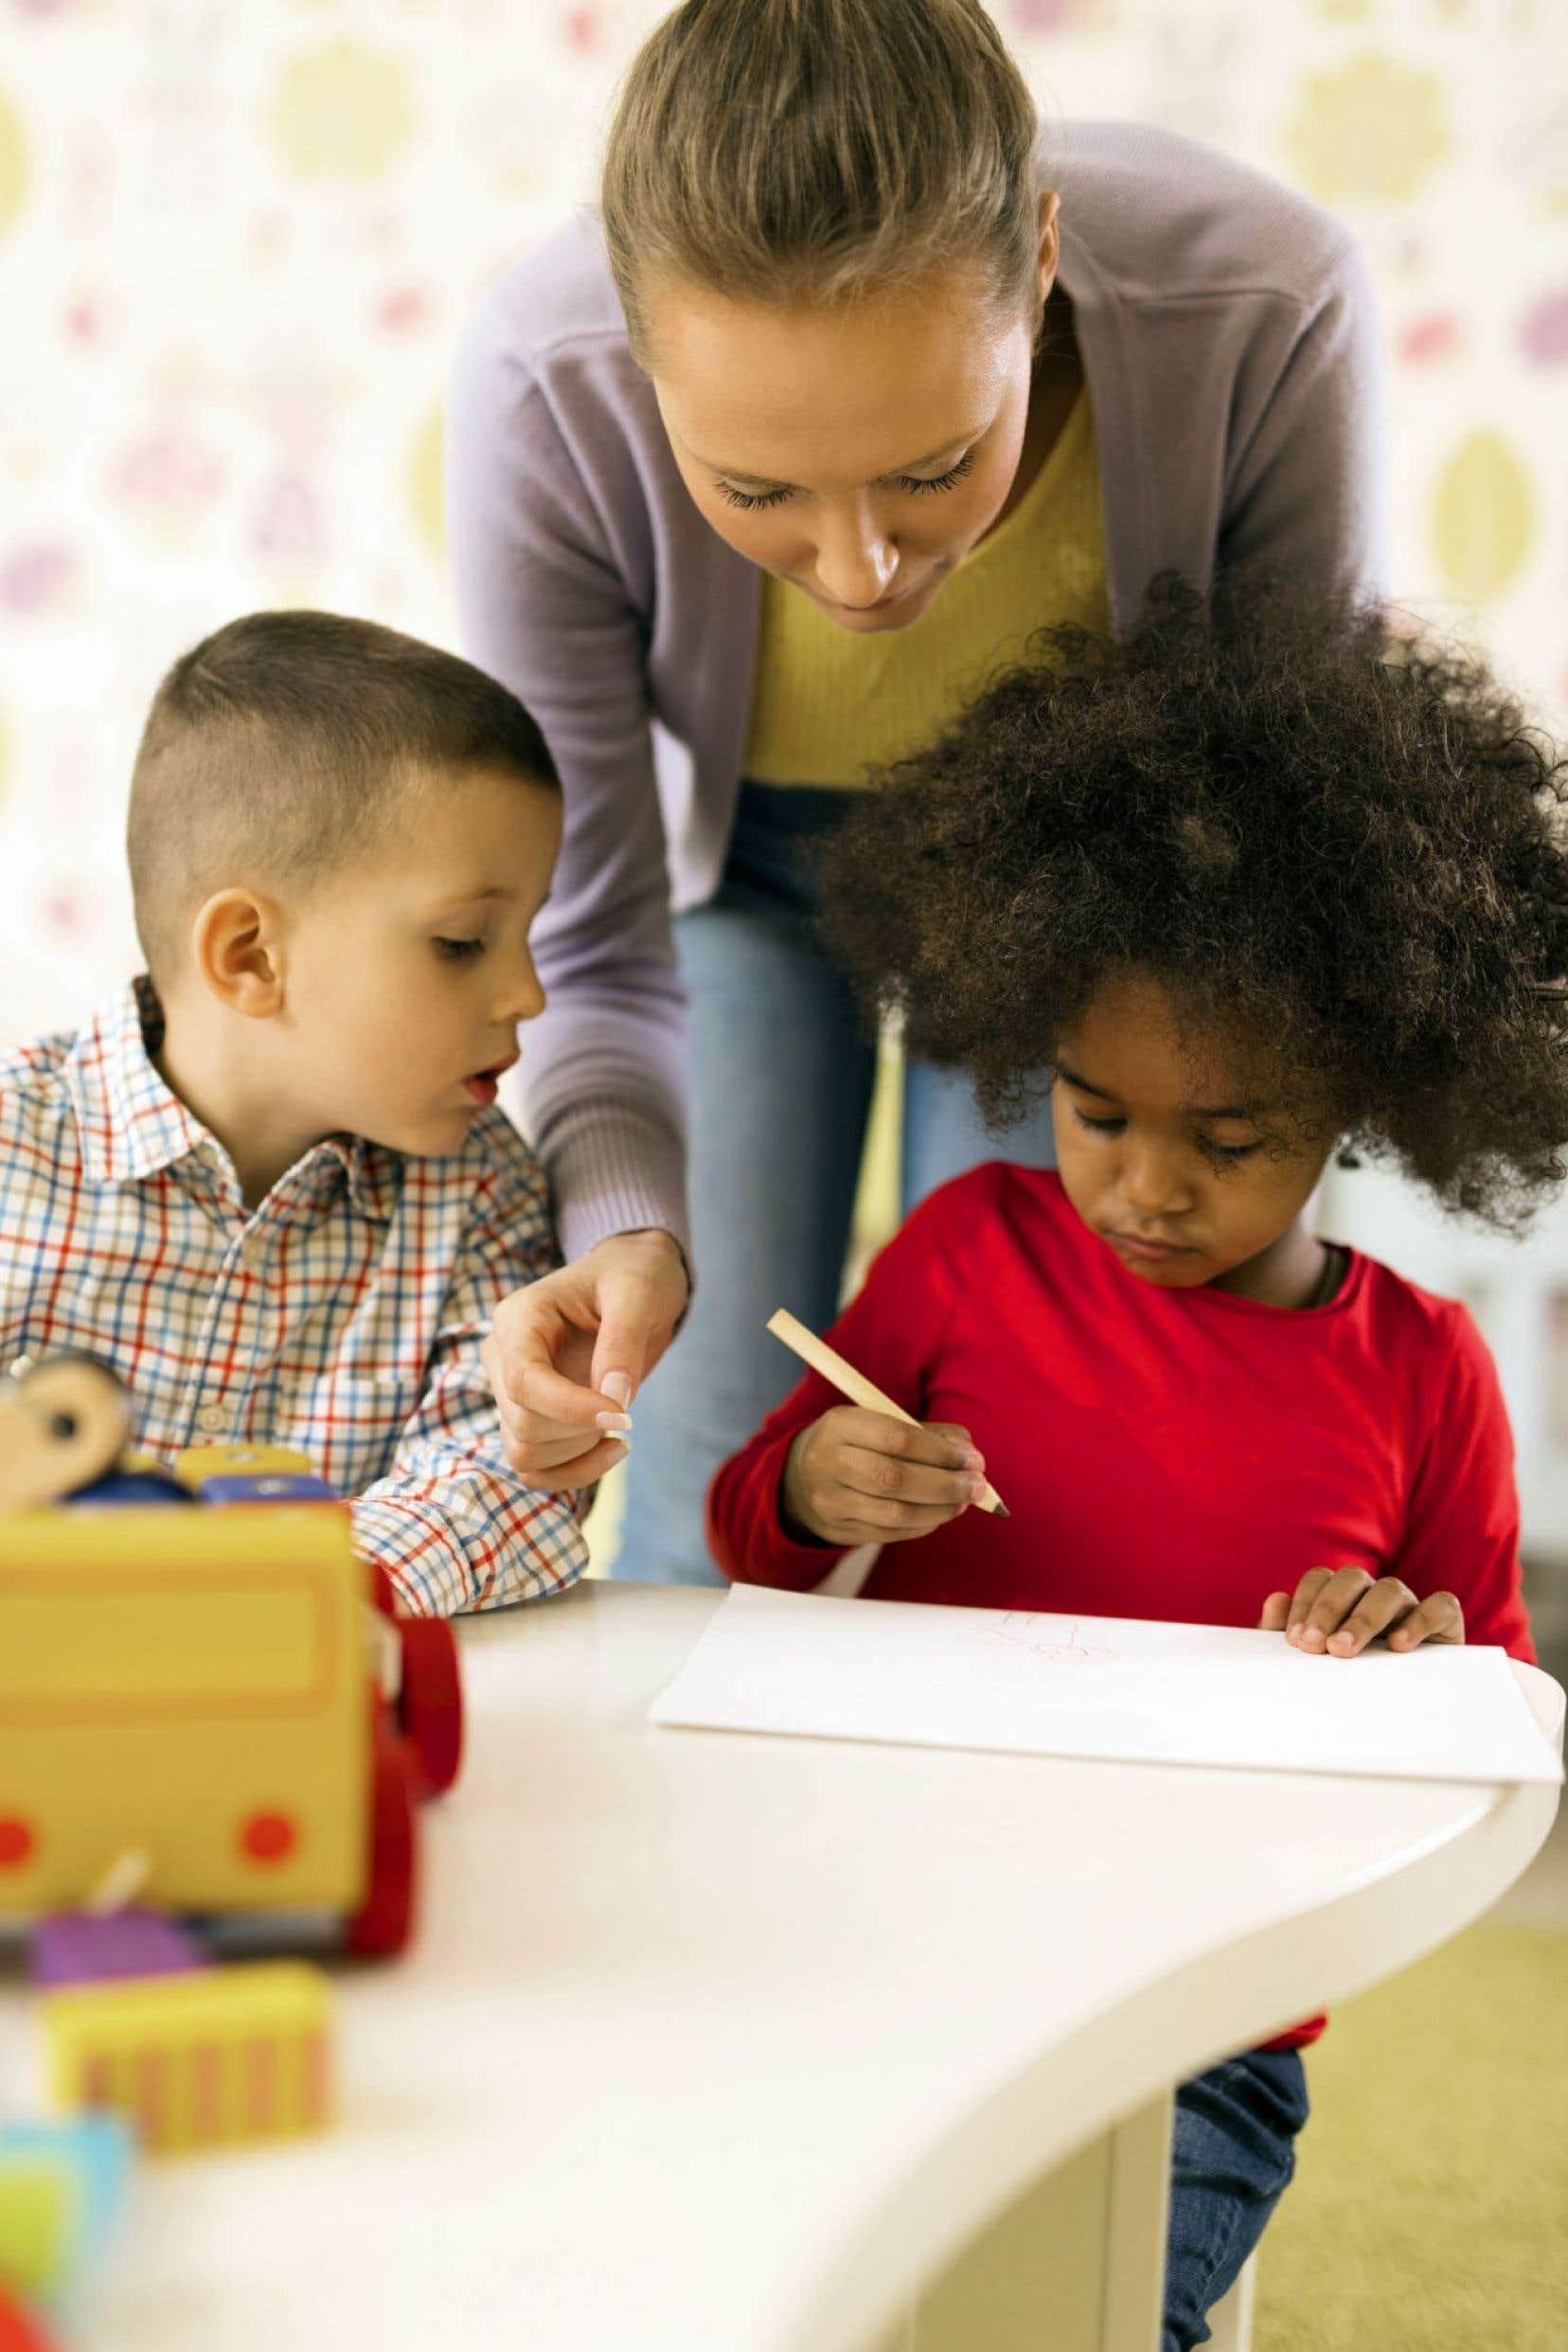 Selon des études, de 17 à 25% des professeurs abandonnent le métier dans les cinq premières années d'exercice.